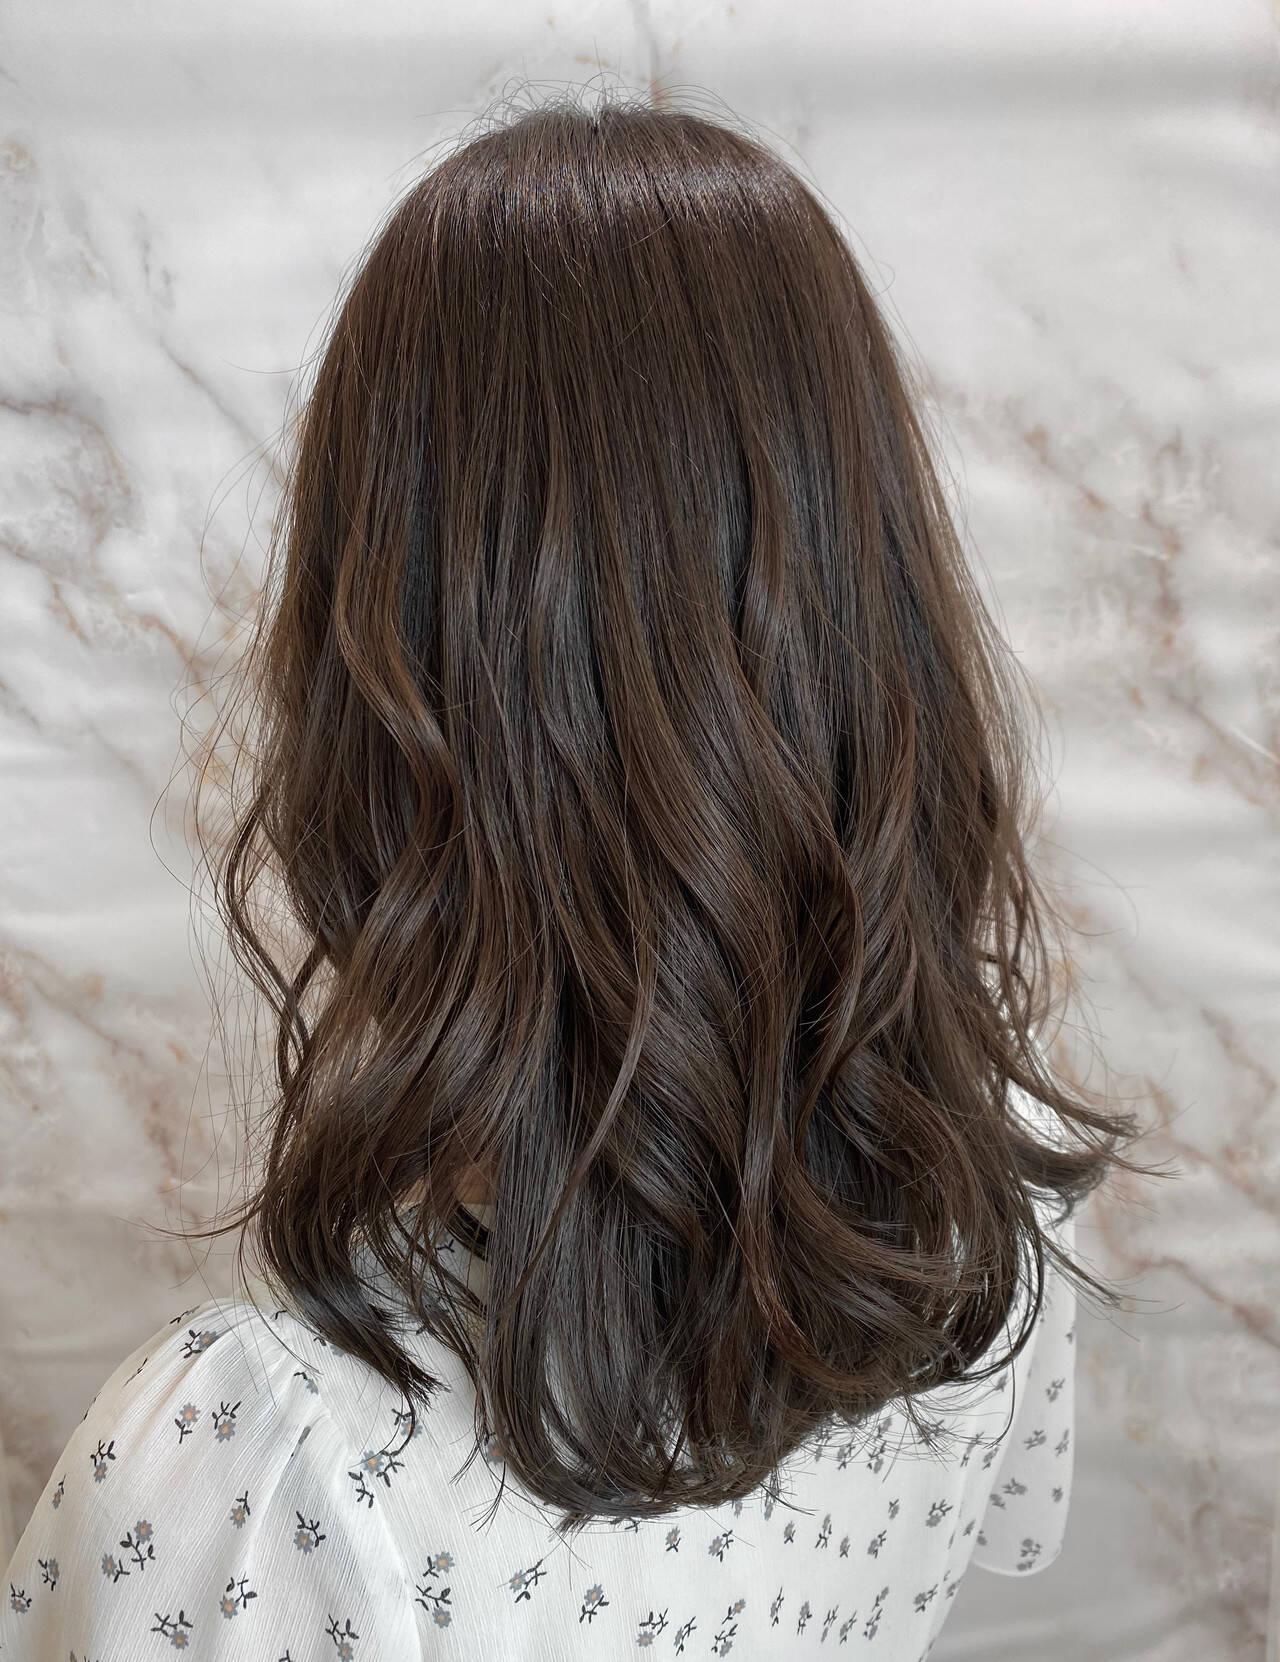 セミロング ナチュラル 巻き髪 イルミナカラーヘアスタイルや髪型の写真・画像